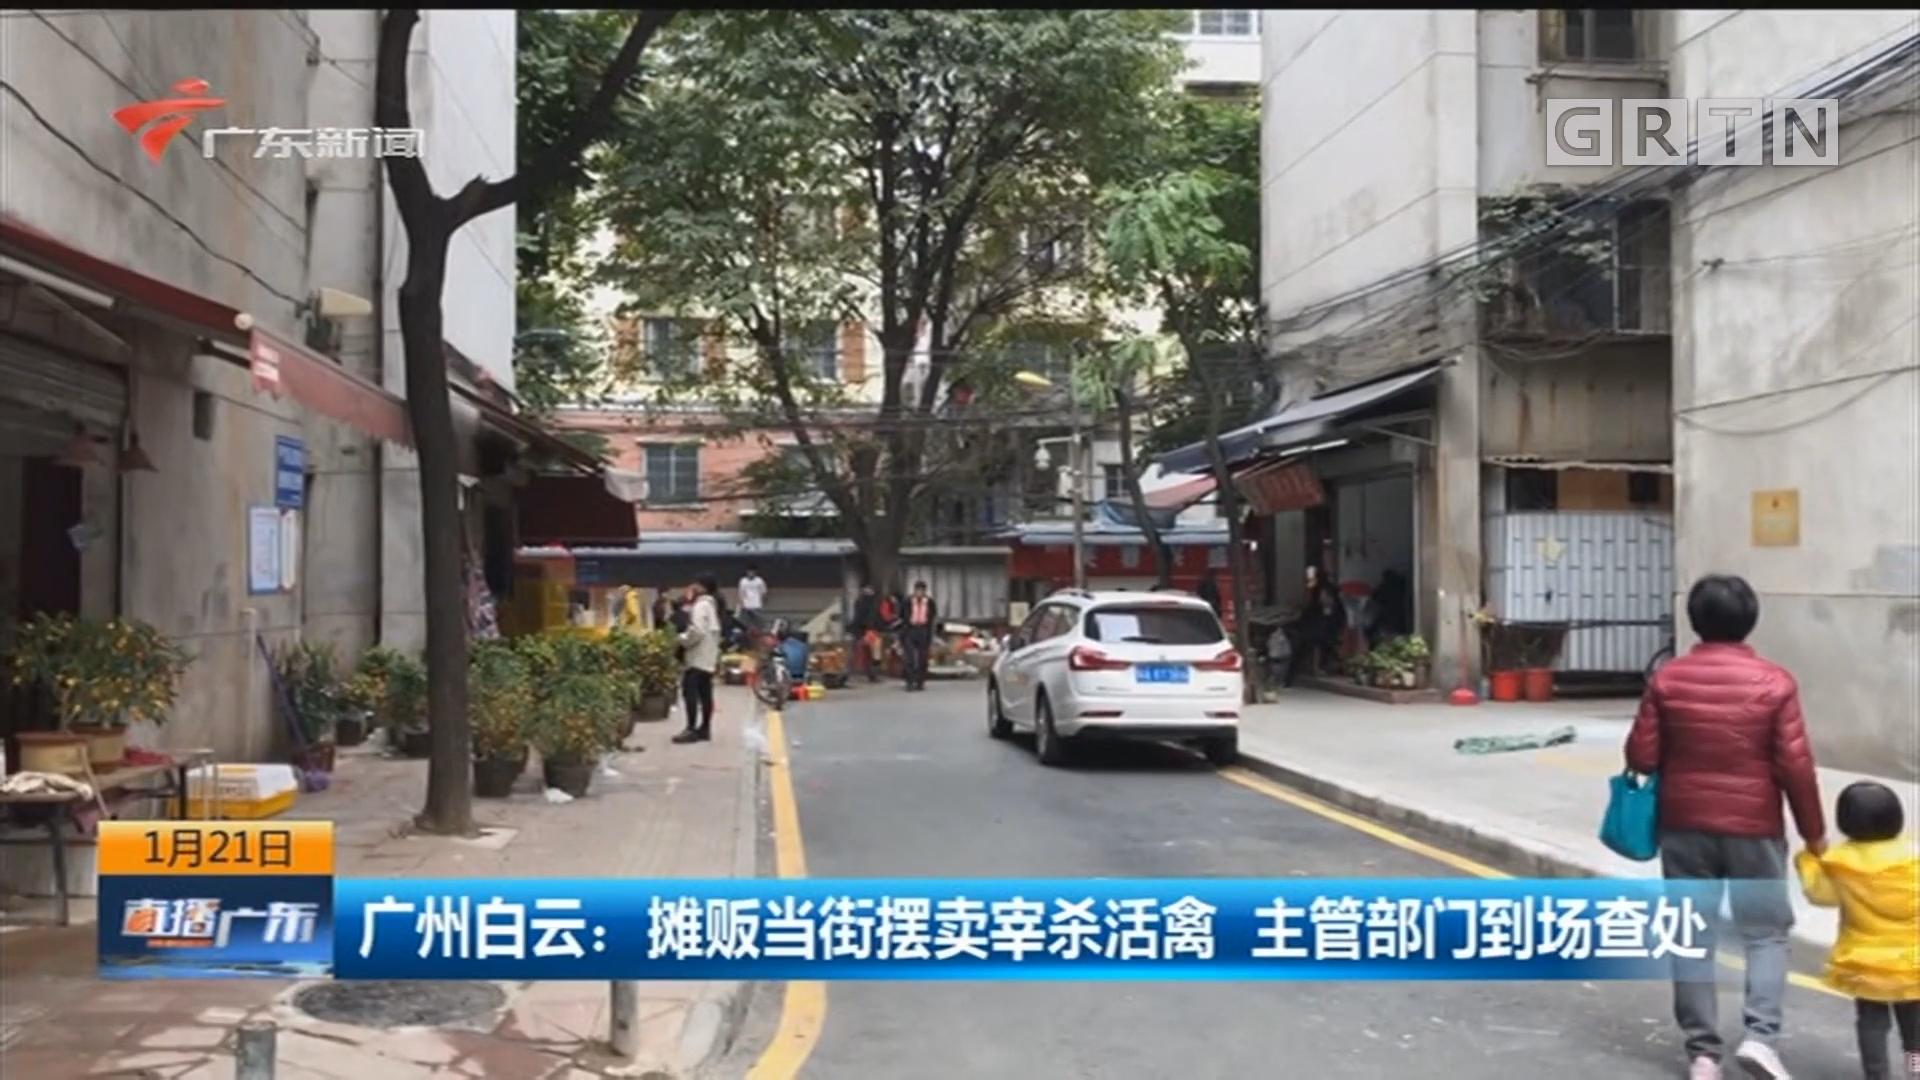 广州白云:摊贩当街摆卖宰杀活禽 主管部门到场查处